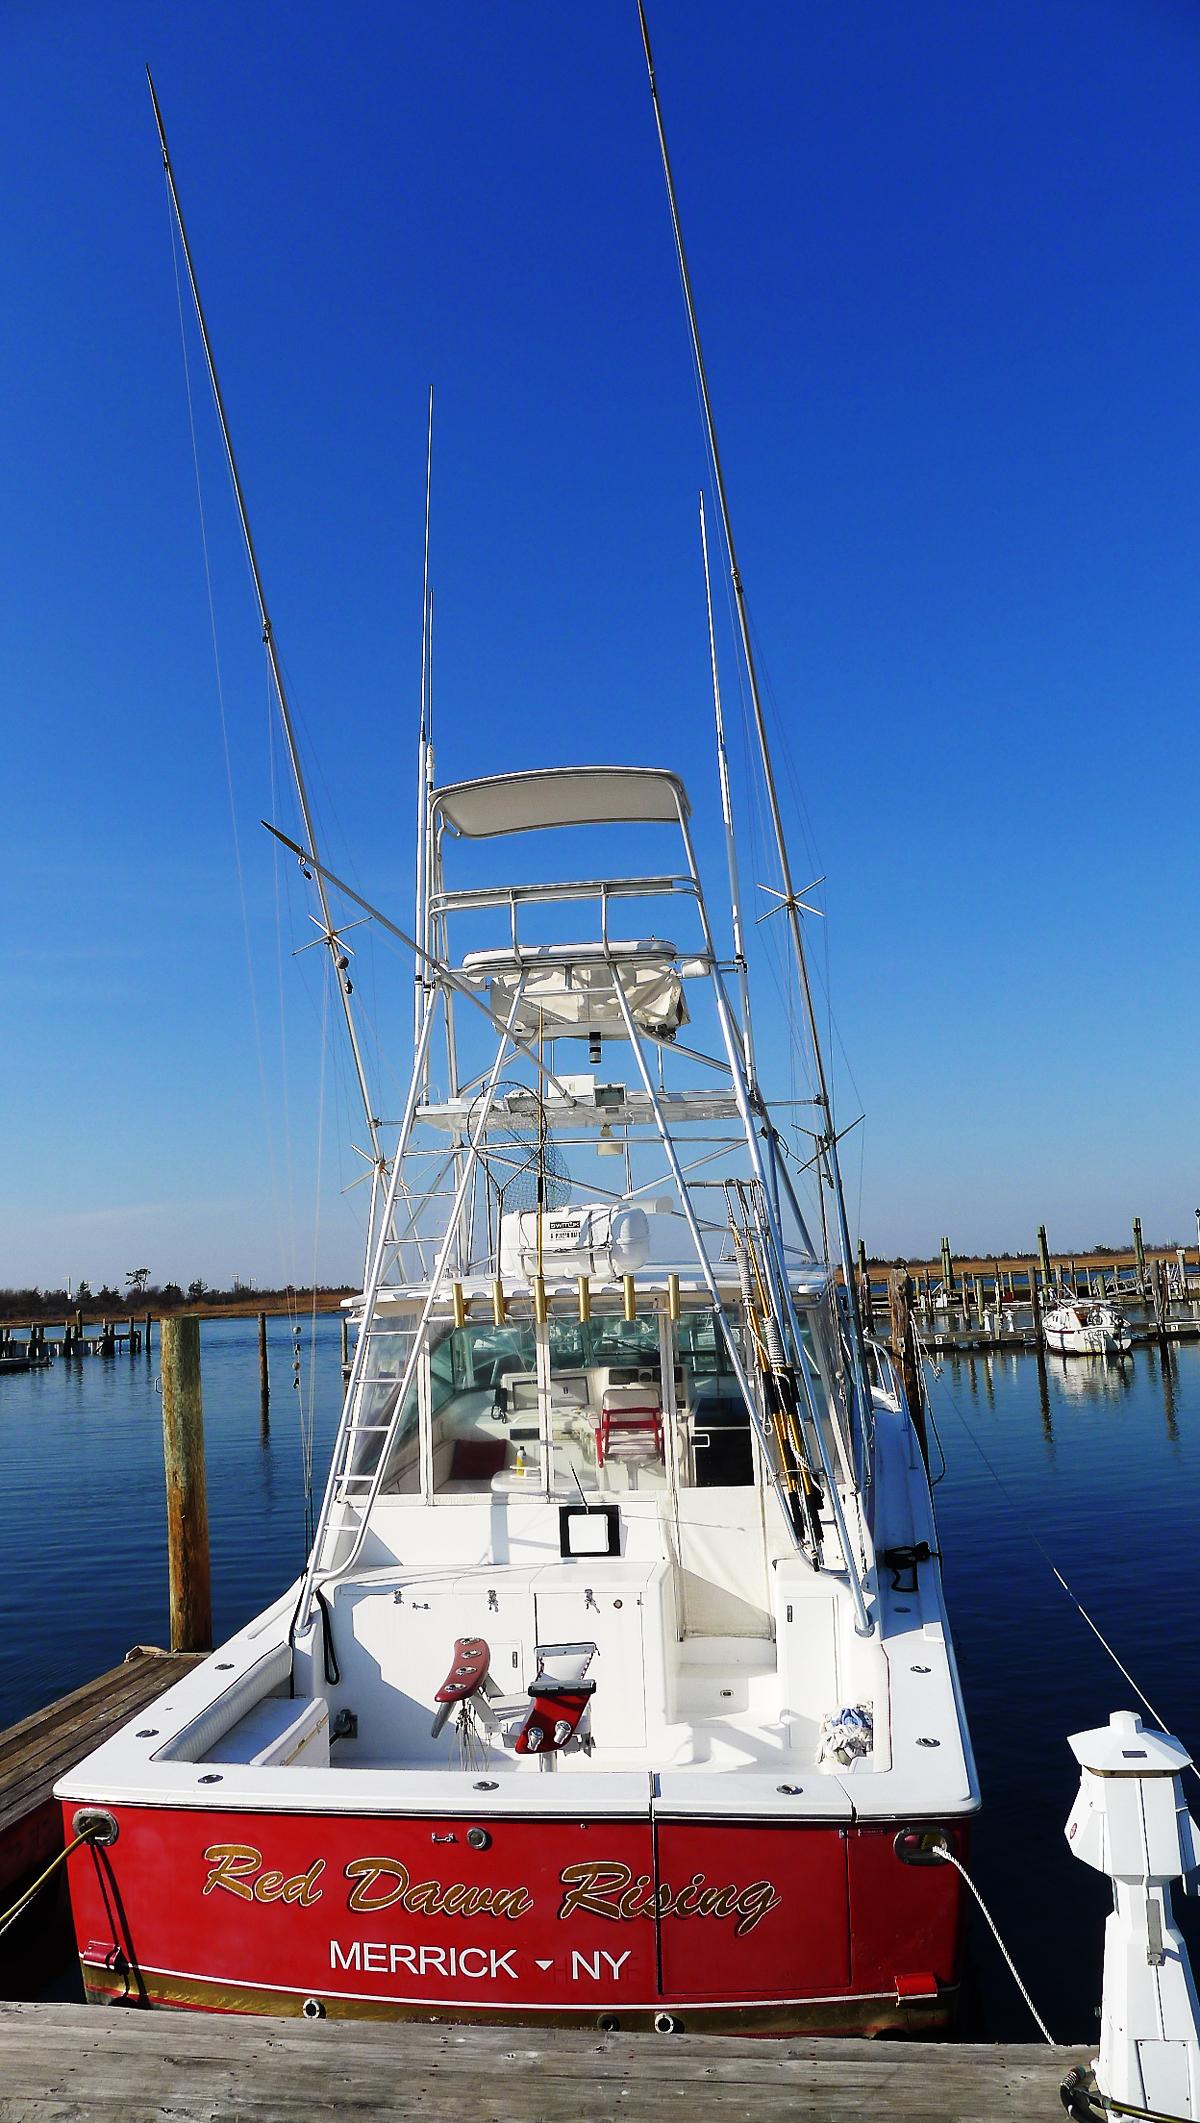 En hobbyfiskebåt.